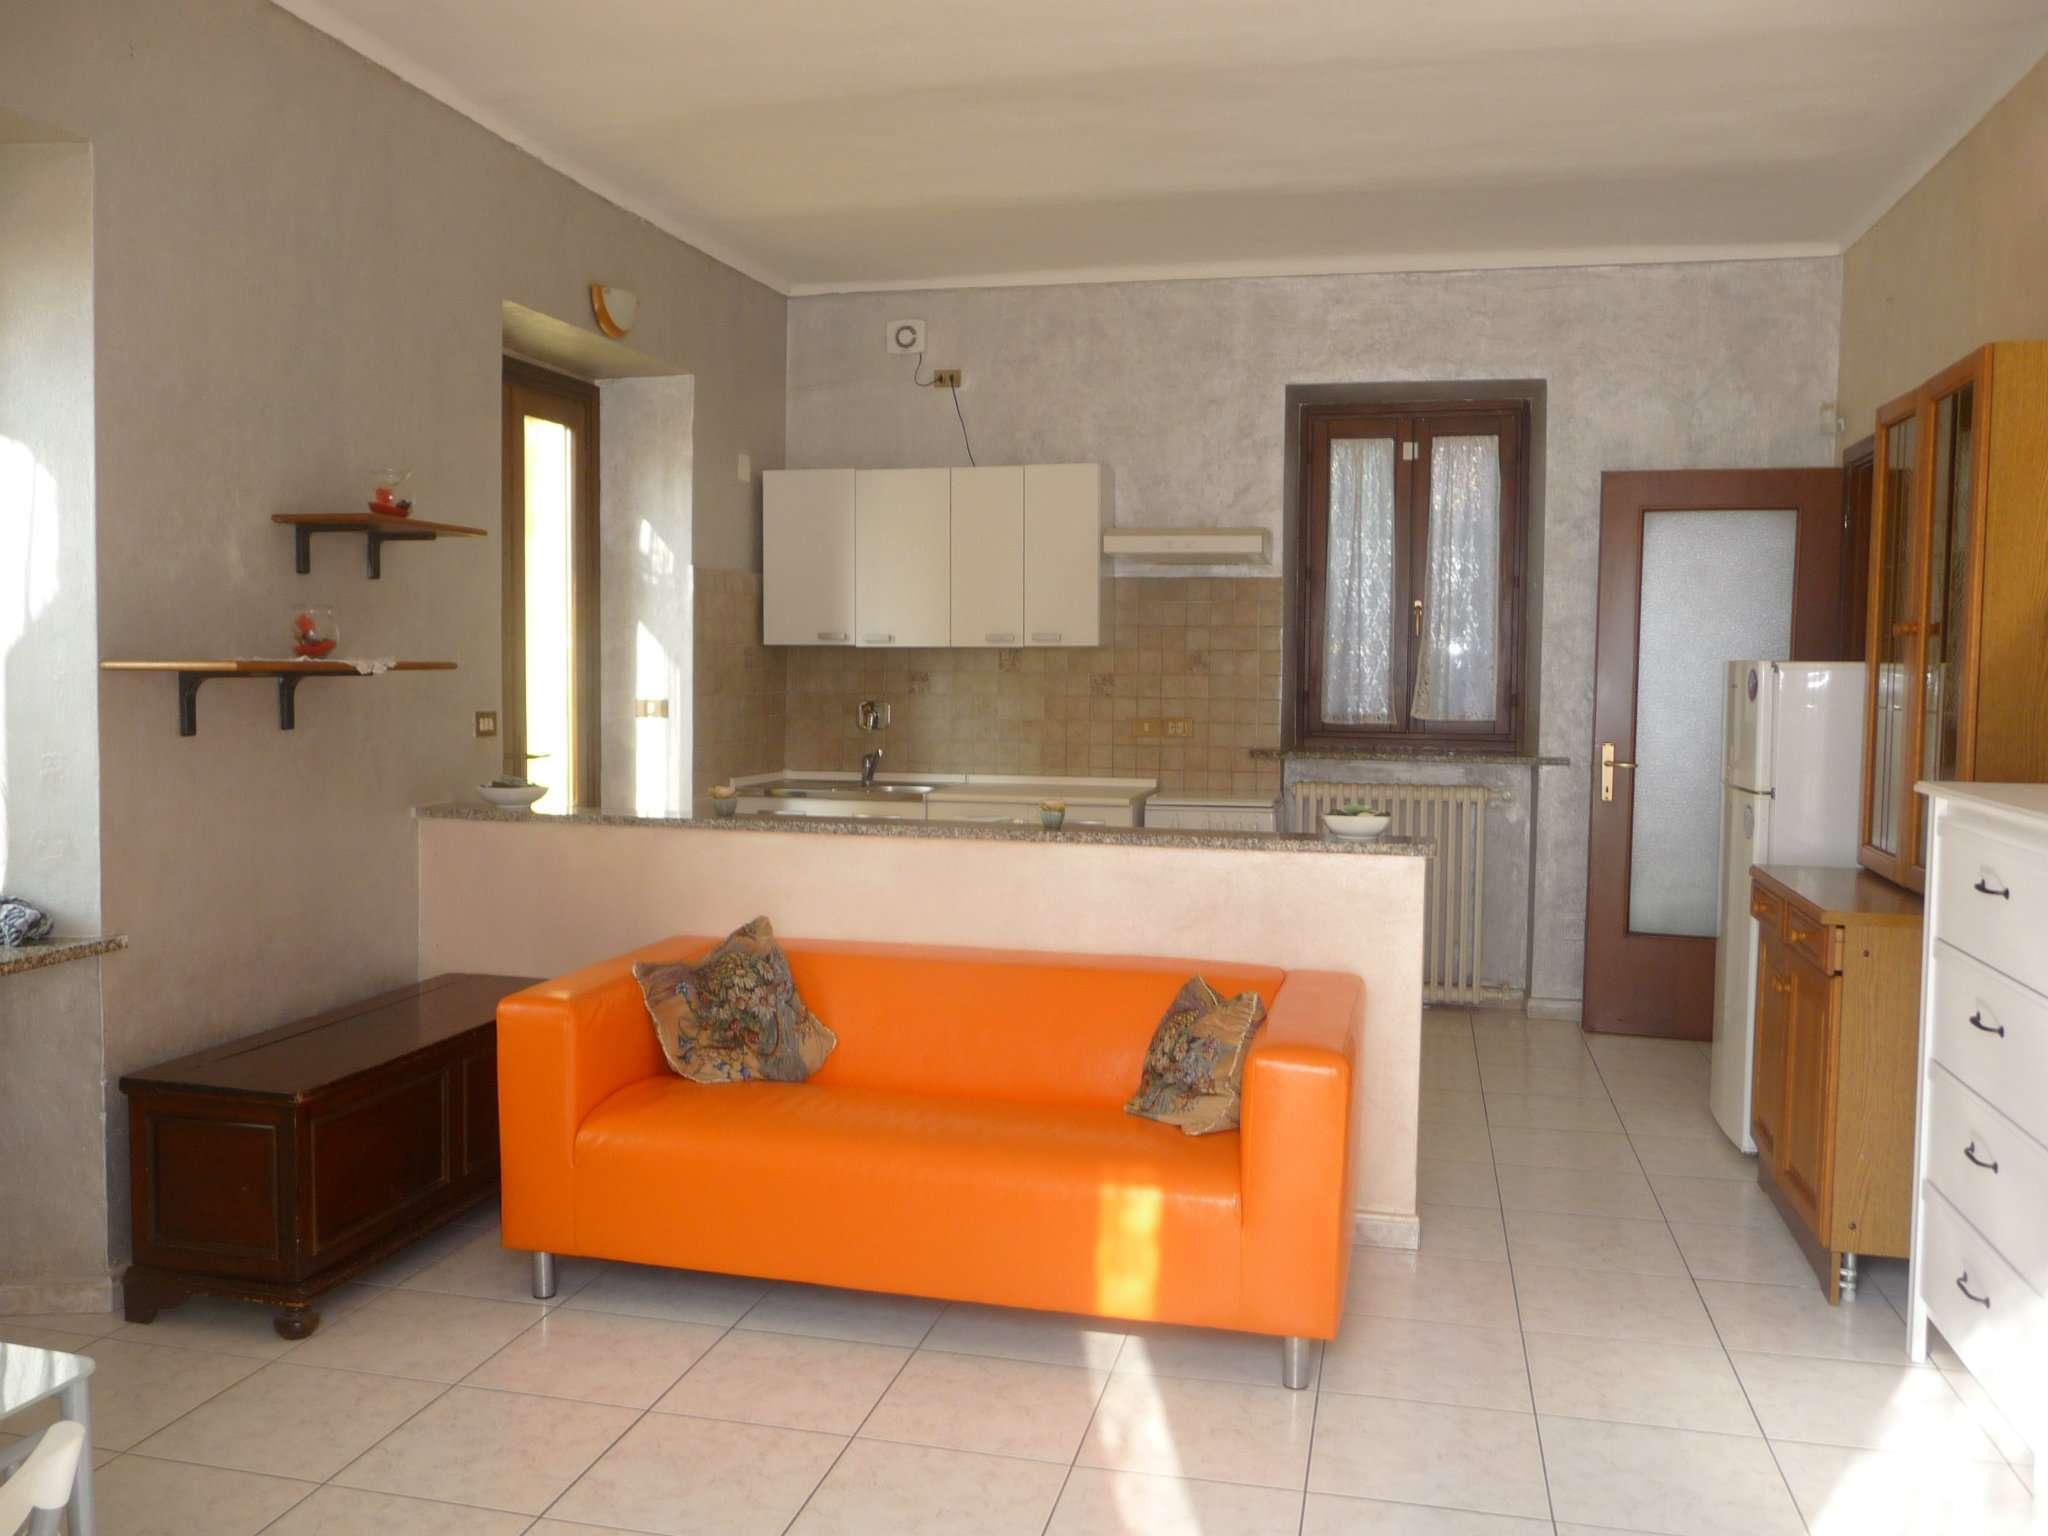 Appartamento in vendita a Val della Torre, 2 locali, prezzo € 113.000   CambioCasa.it